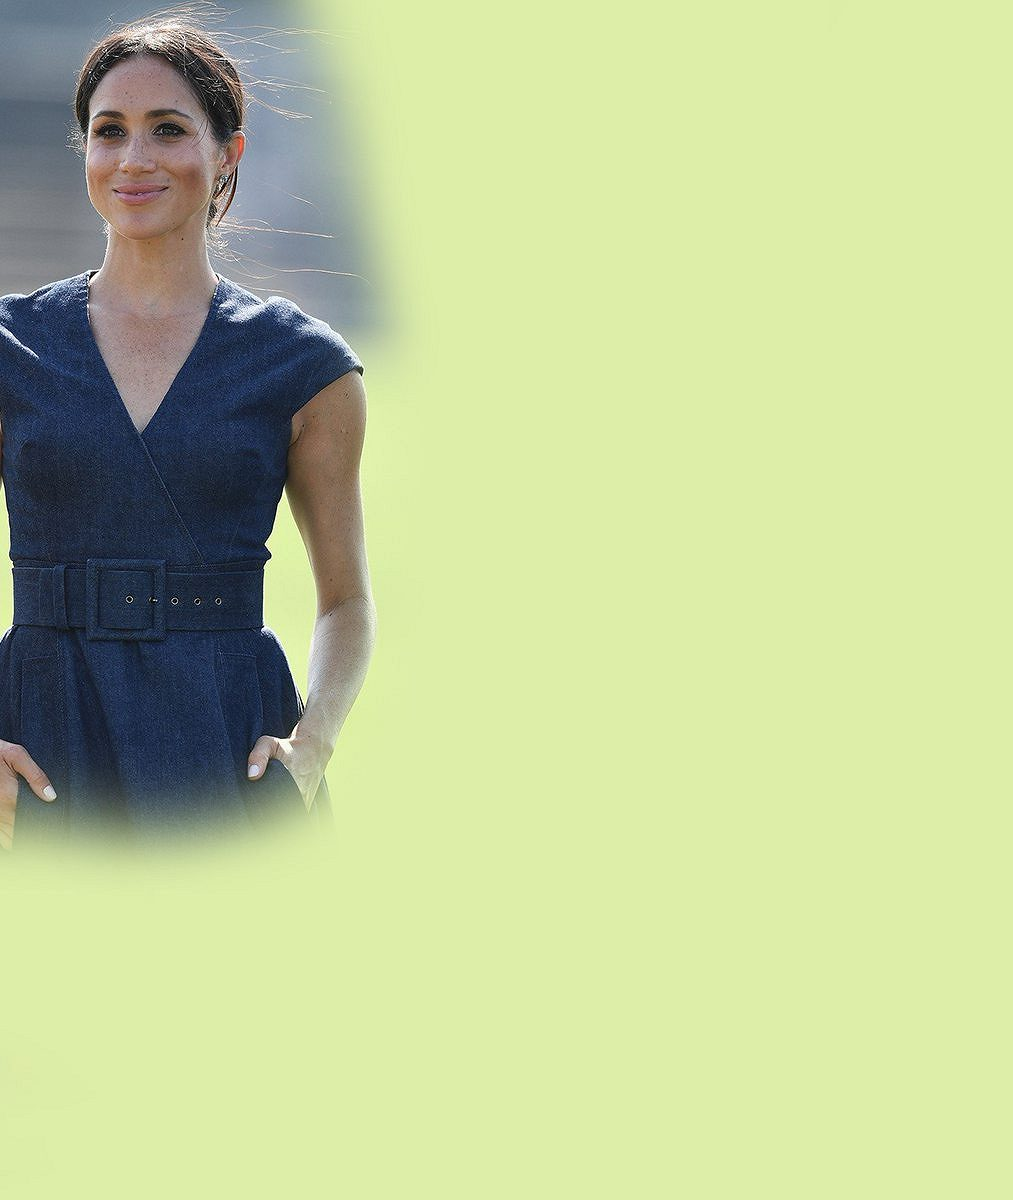 Miminko na cestě nebo jenom nešťastně zvolený střih šatů? Vévodkyně Meghan opět zmátla Británii